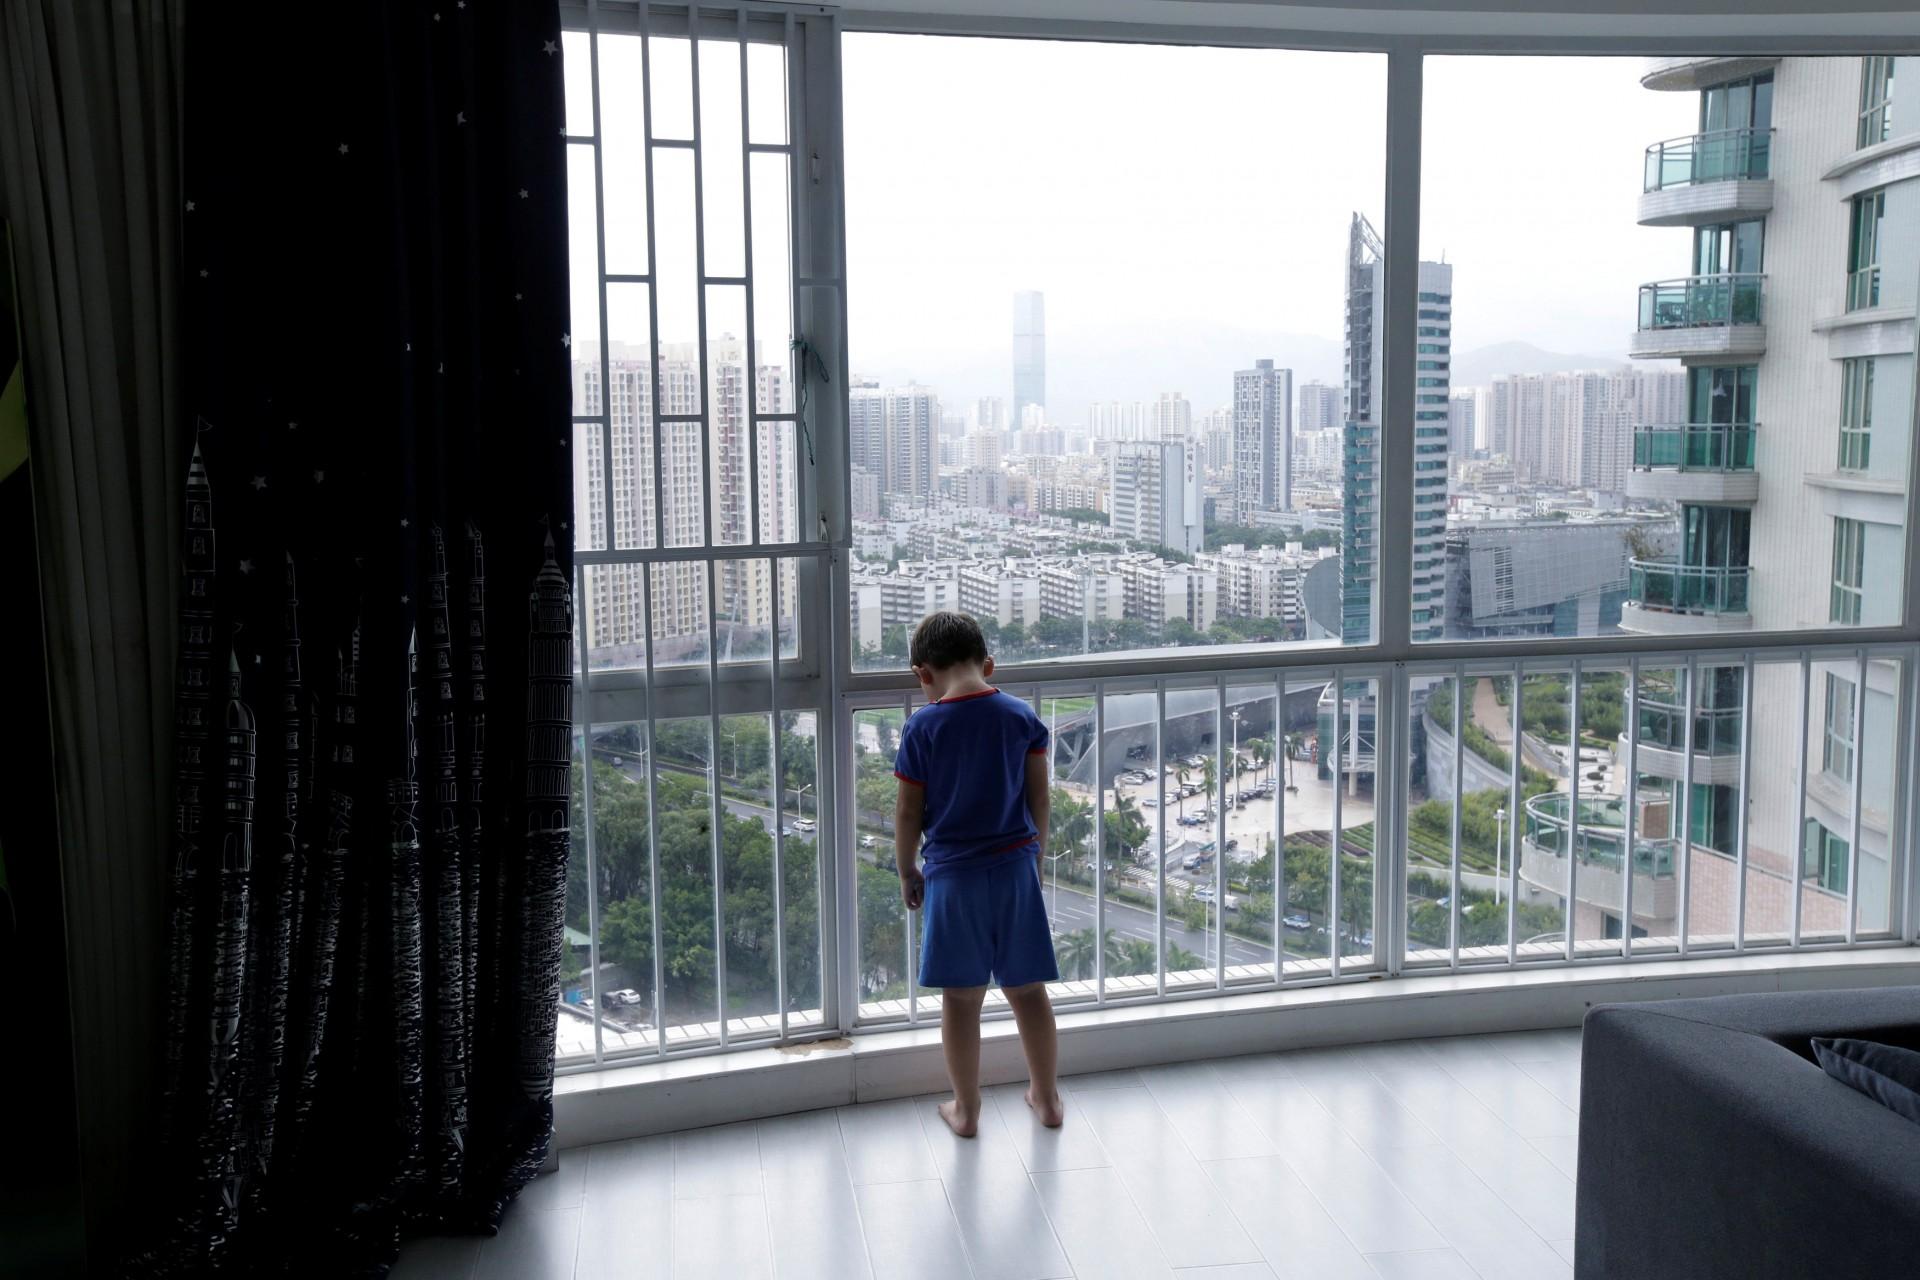 An Zhizhong, uno de los tres hijos de An Hui y Ye Jianbin, está parado junto a una ventana en su casa en Shenzhen, provincia de Guangdong, China, el 17 de septiembre de 2018.